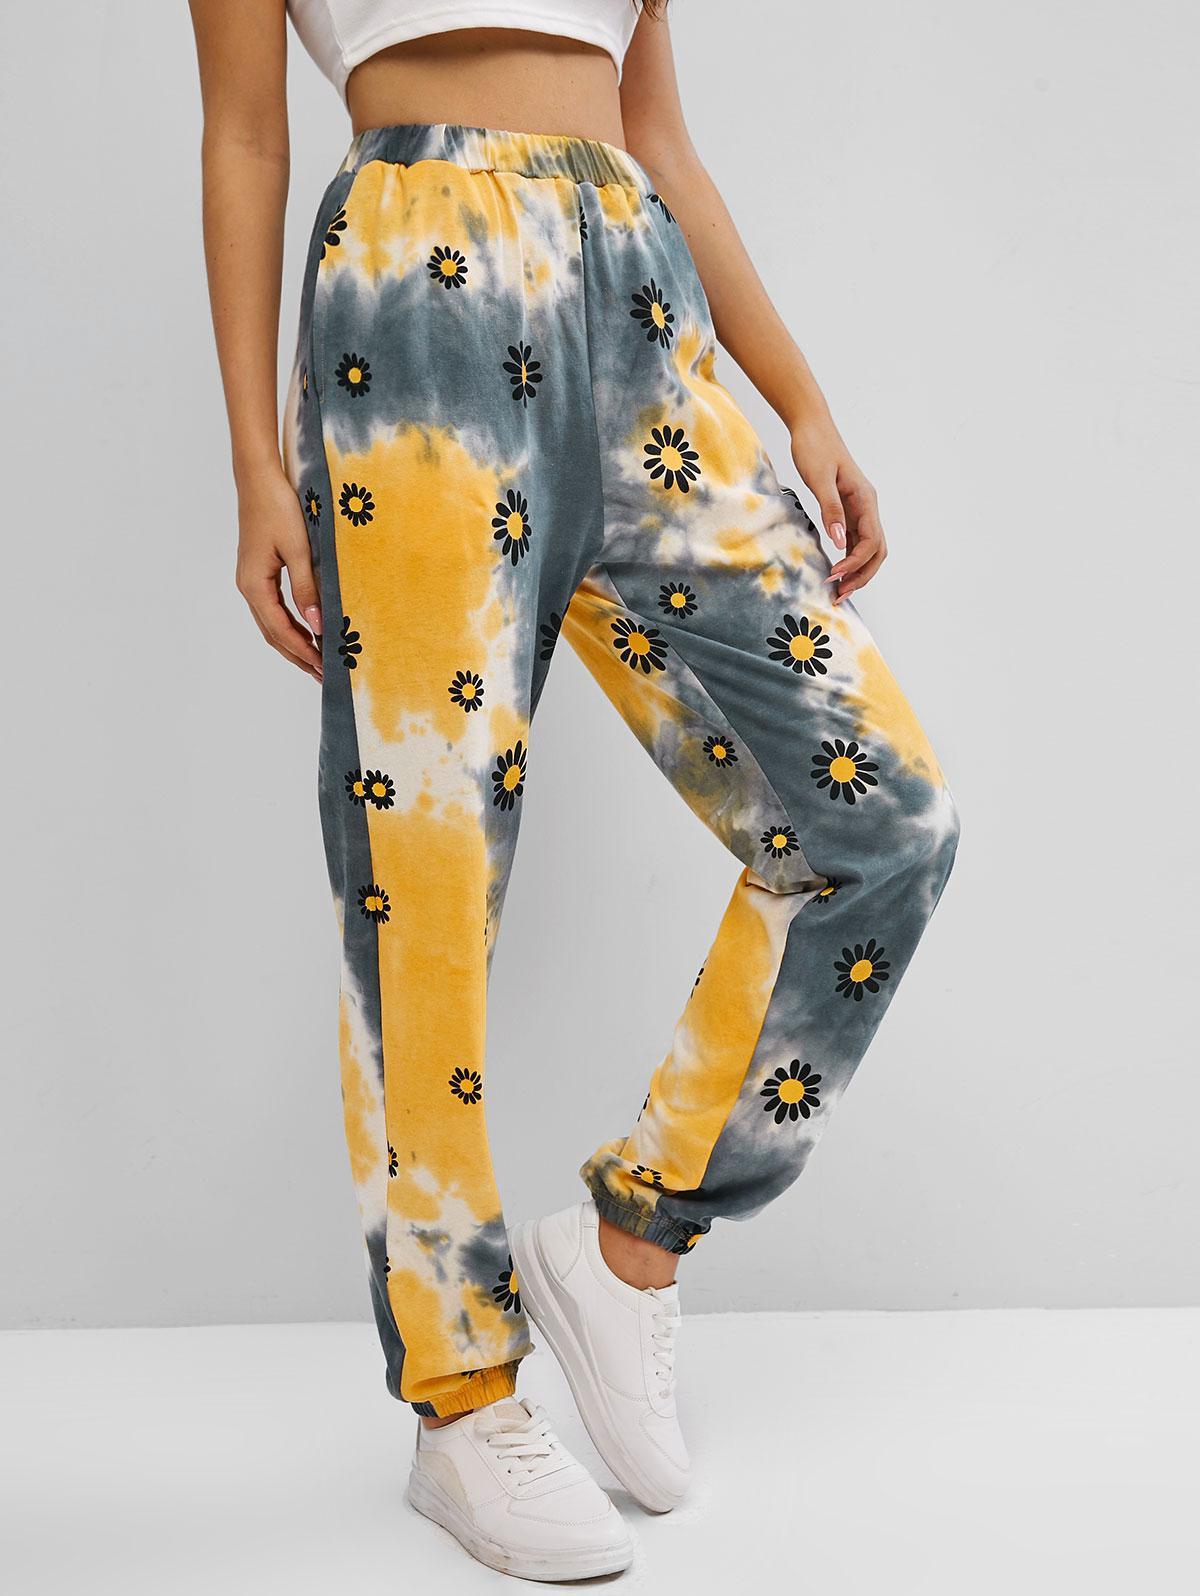 ZAFUL Floral Print Tie Dye Pants